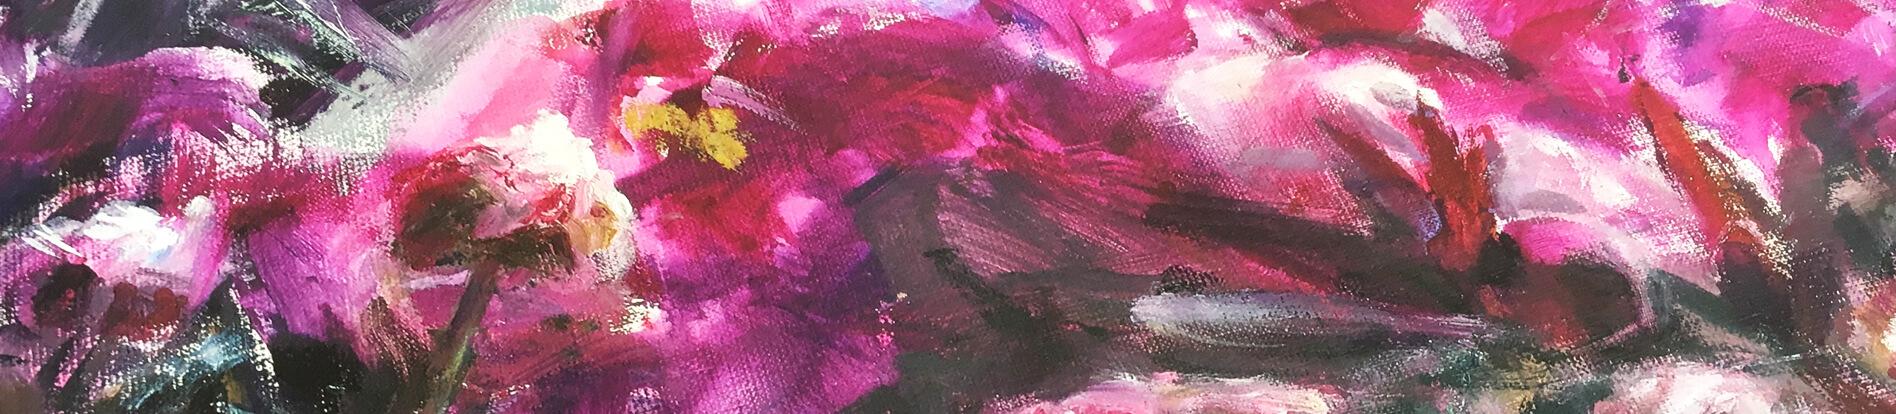 rosa Blumen im Detail